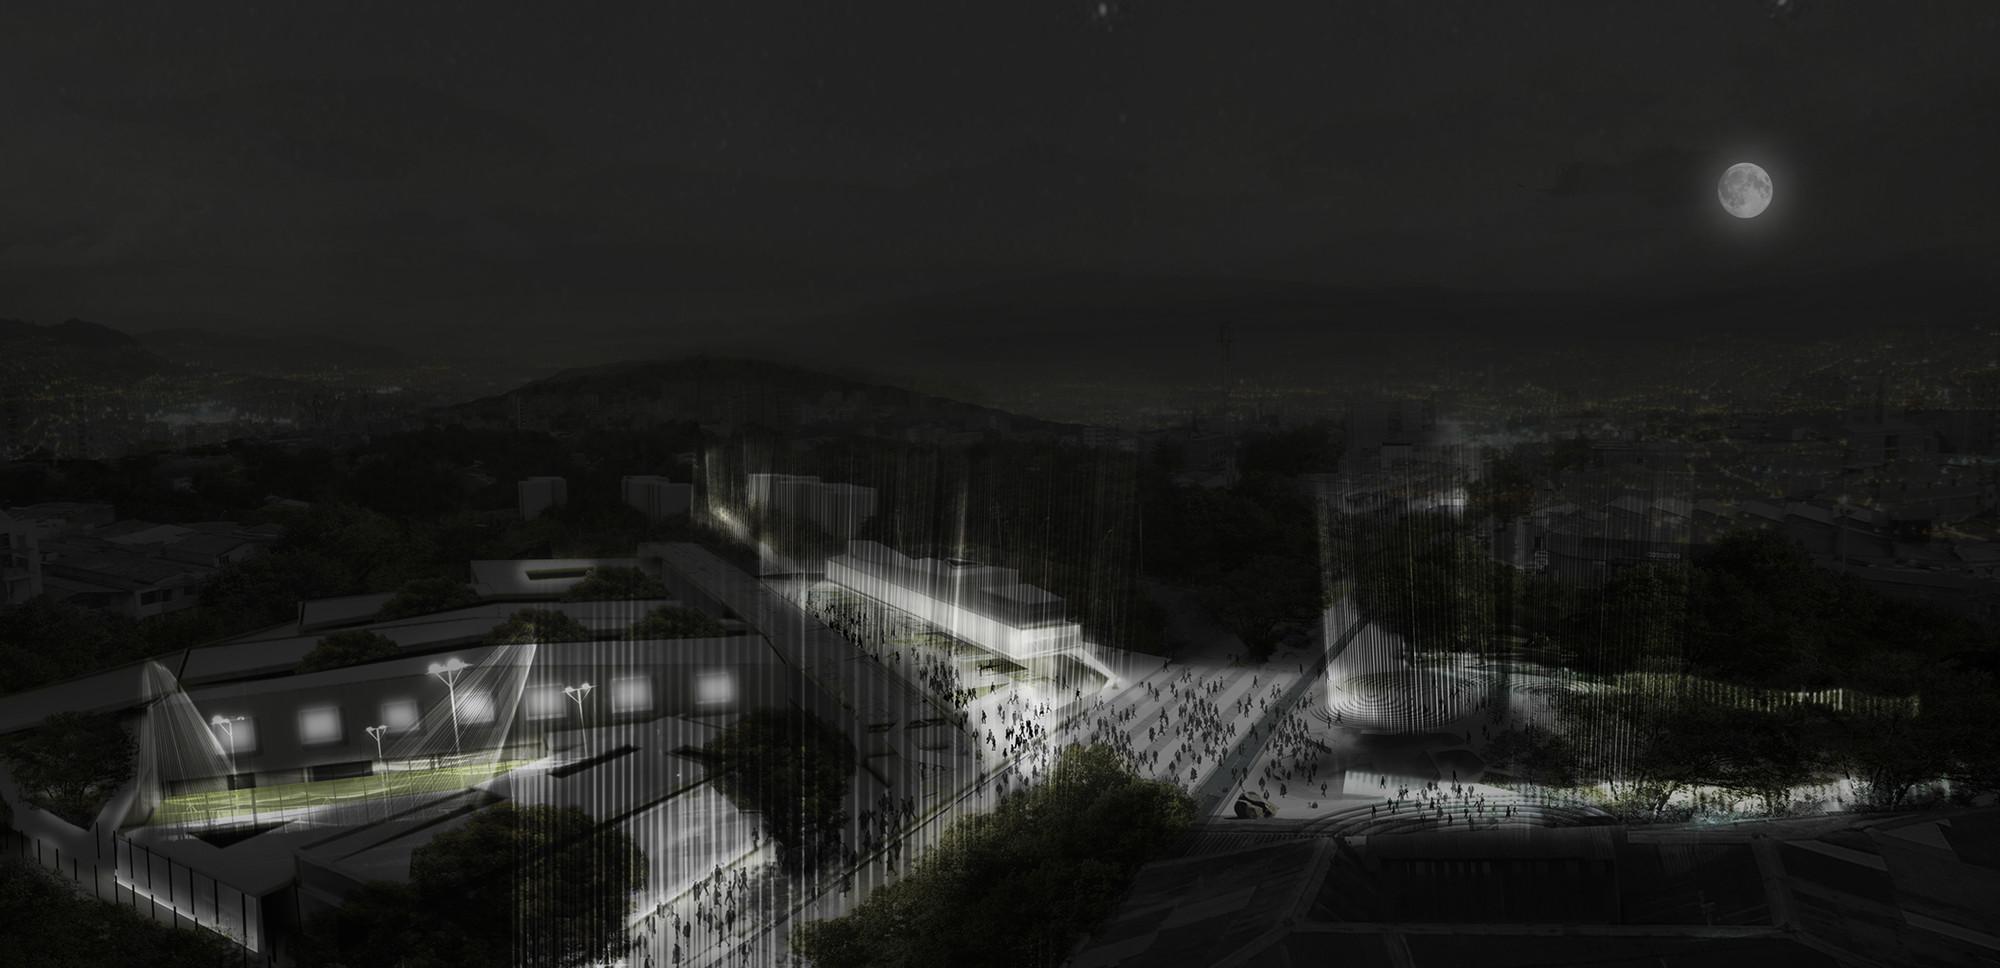 MegaColegio: vista nocturna. Image Courtesy of Equipo desarrollador